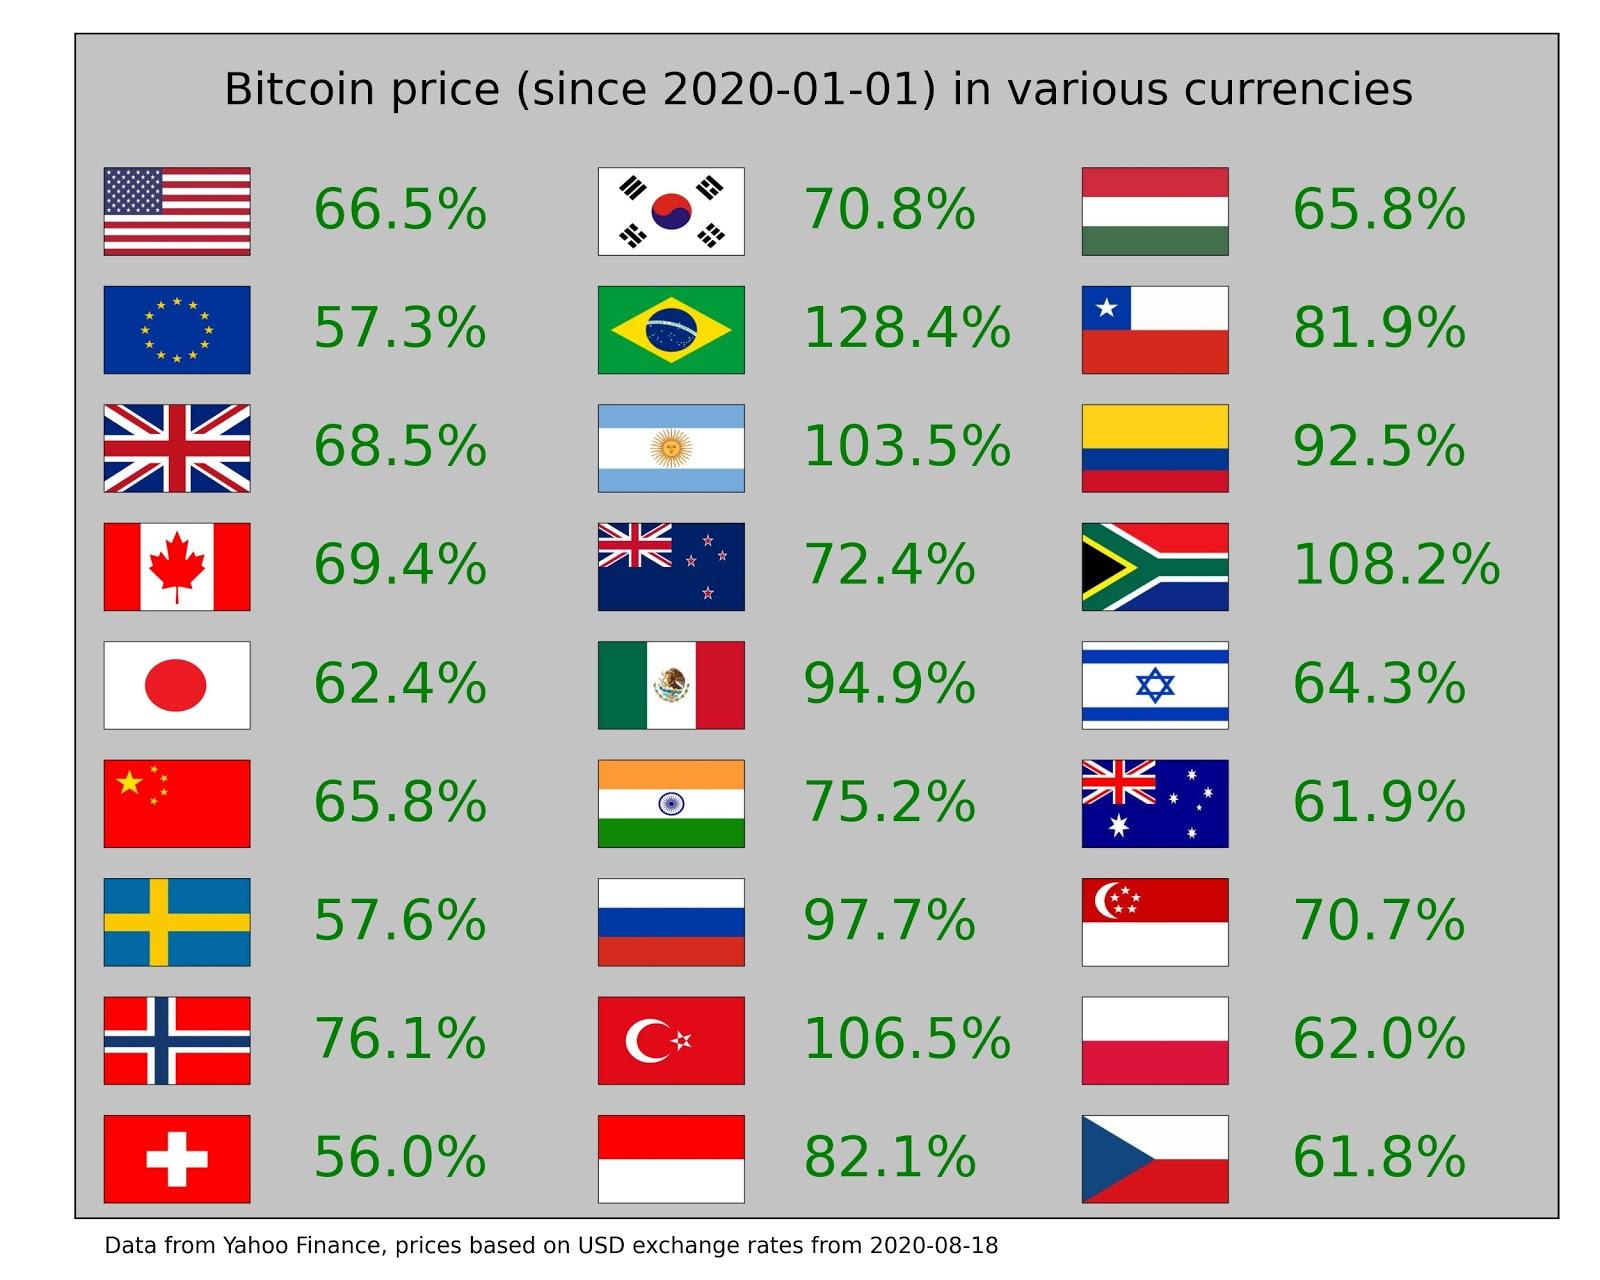 Bitcoin'in çeşitli küresel para birimleri karşısındaki performansı.  Kaynak: DriftwoodPalace